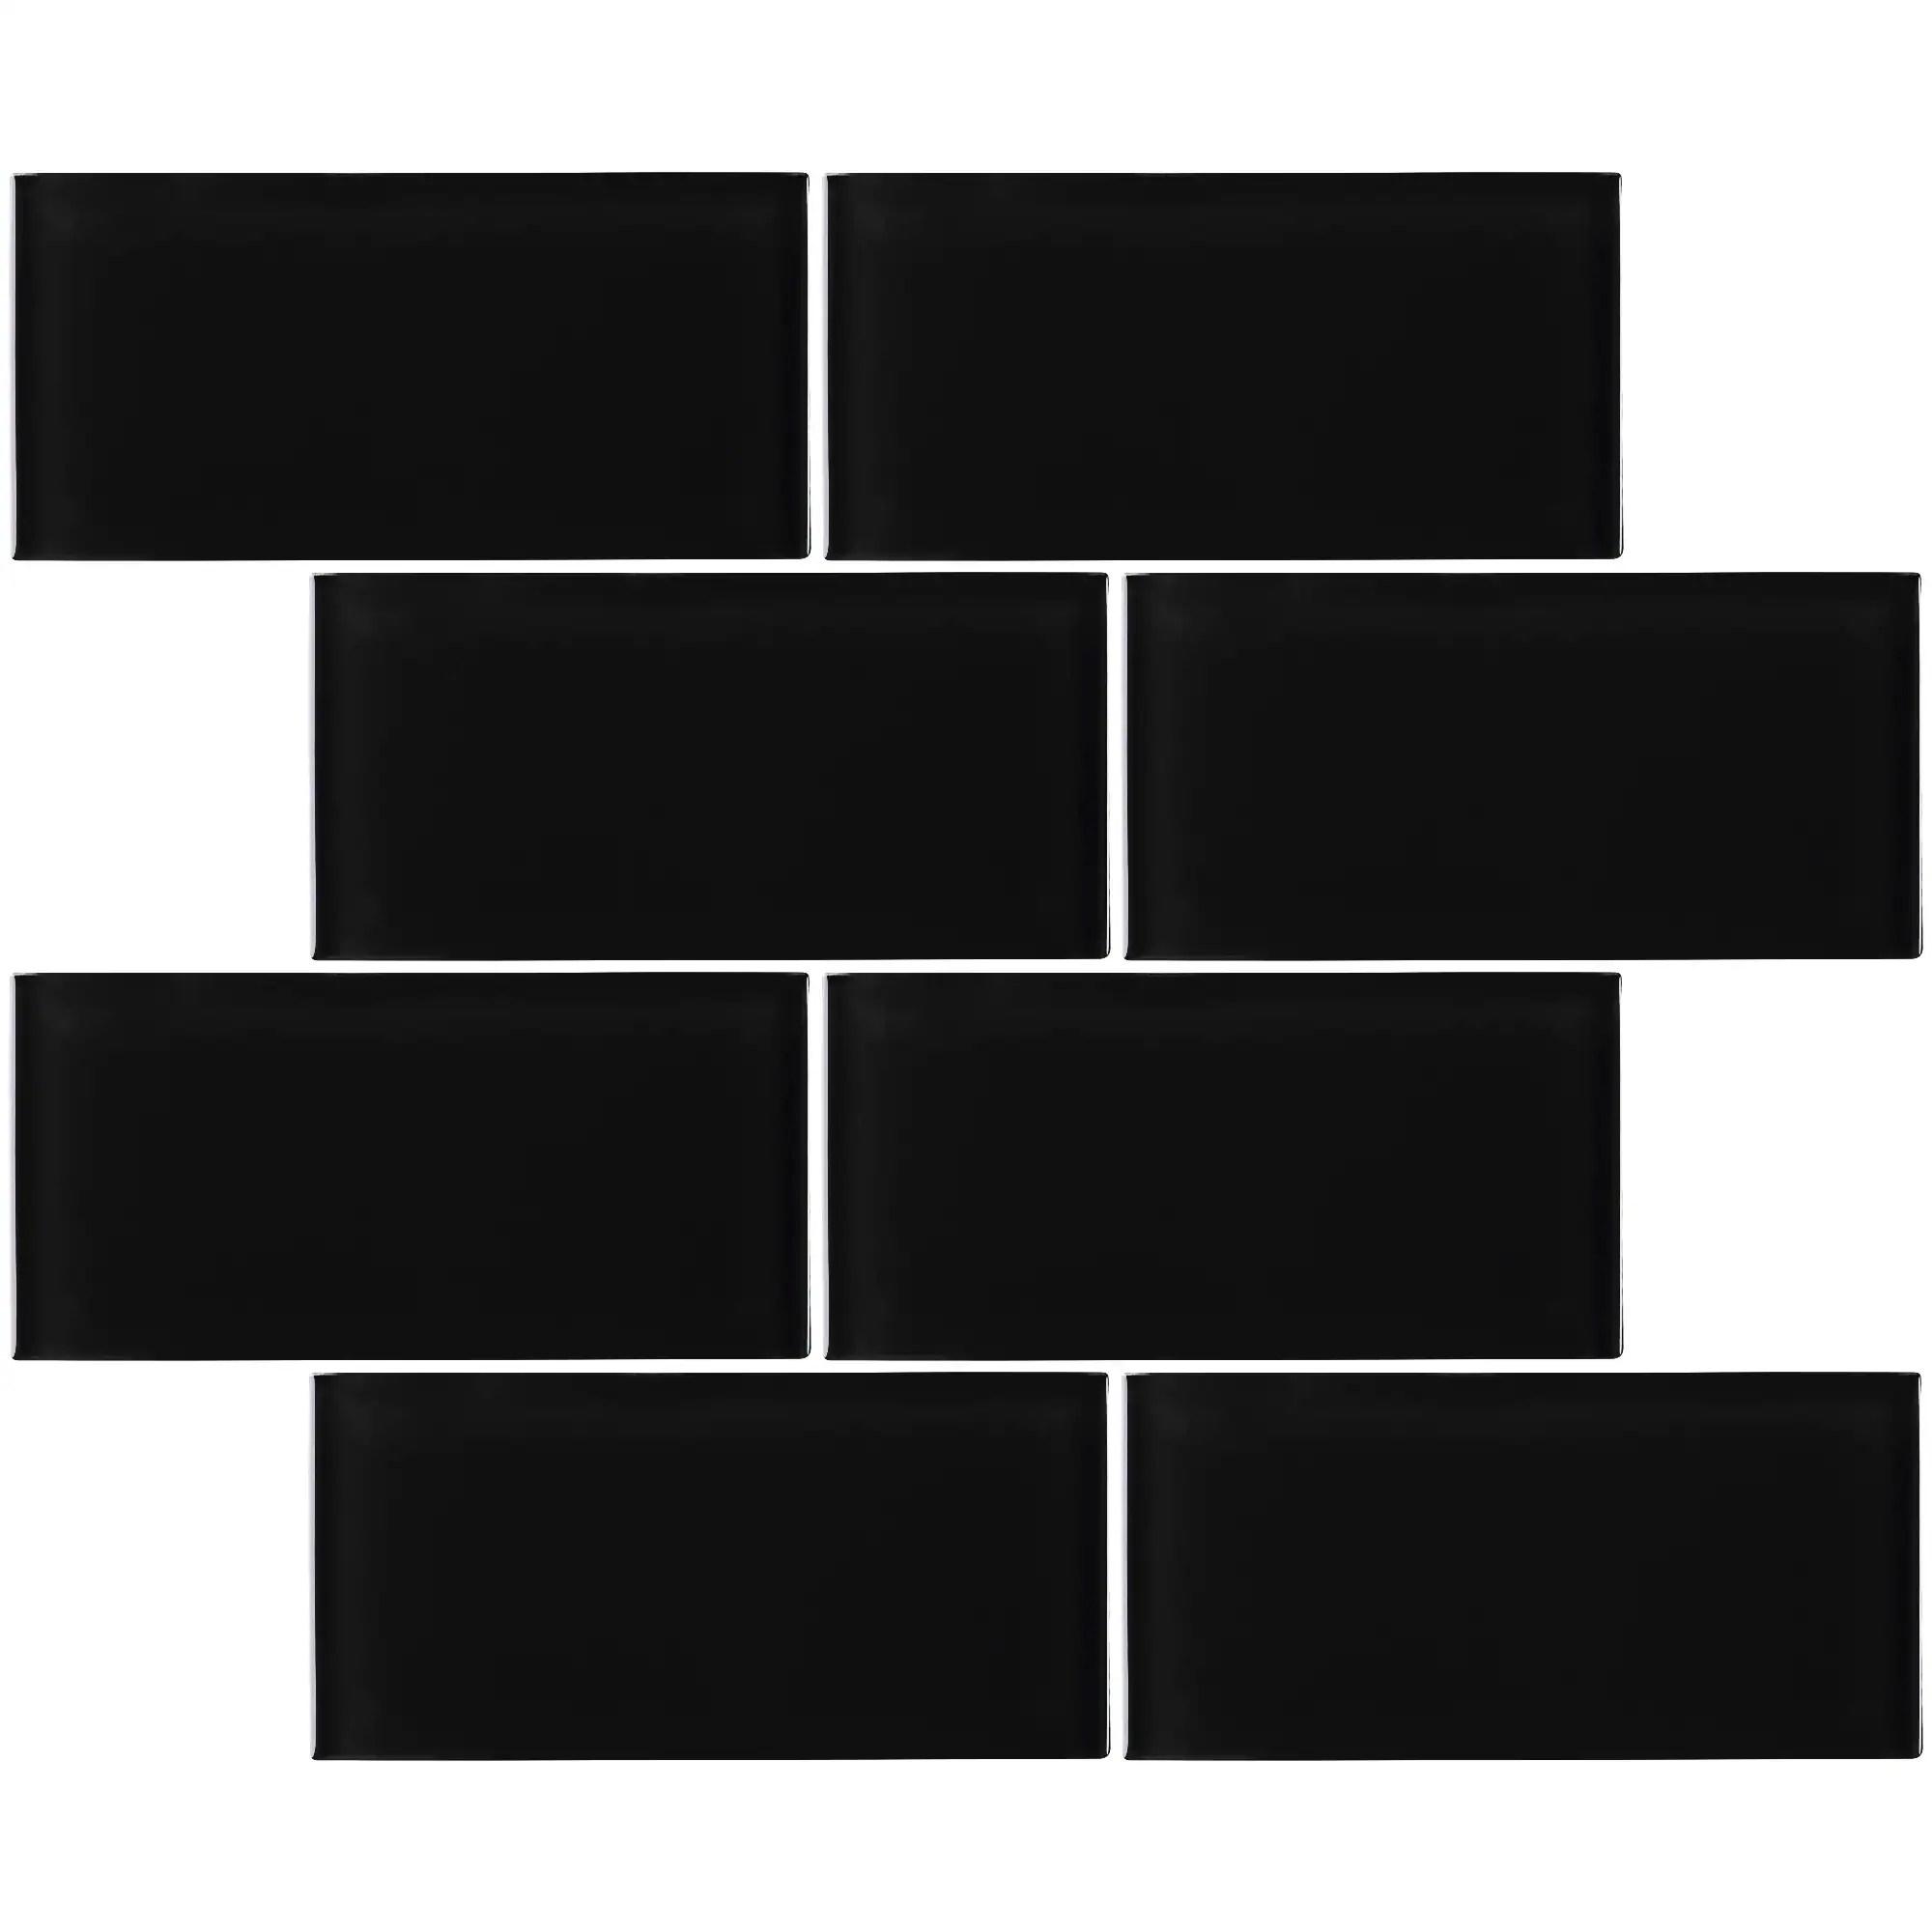 tilegen 3 x 6 glass subway tile in black wall tile 80 tiles 10sqft